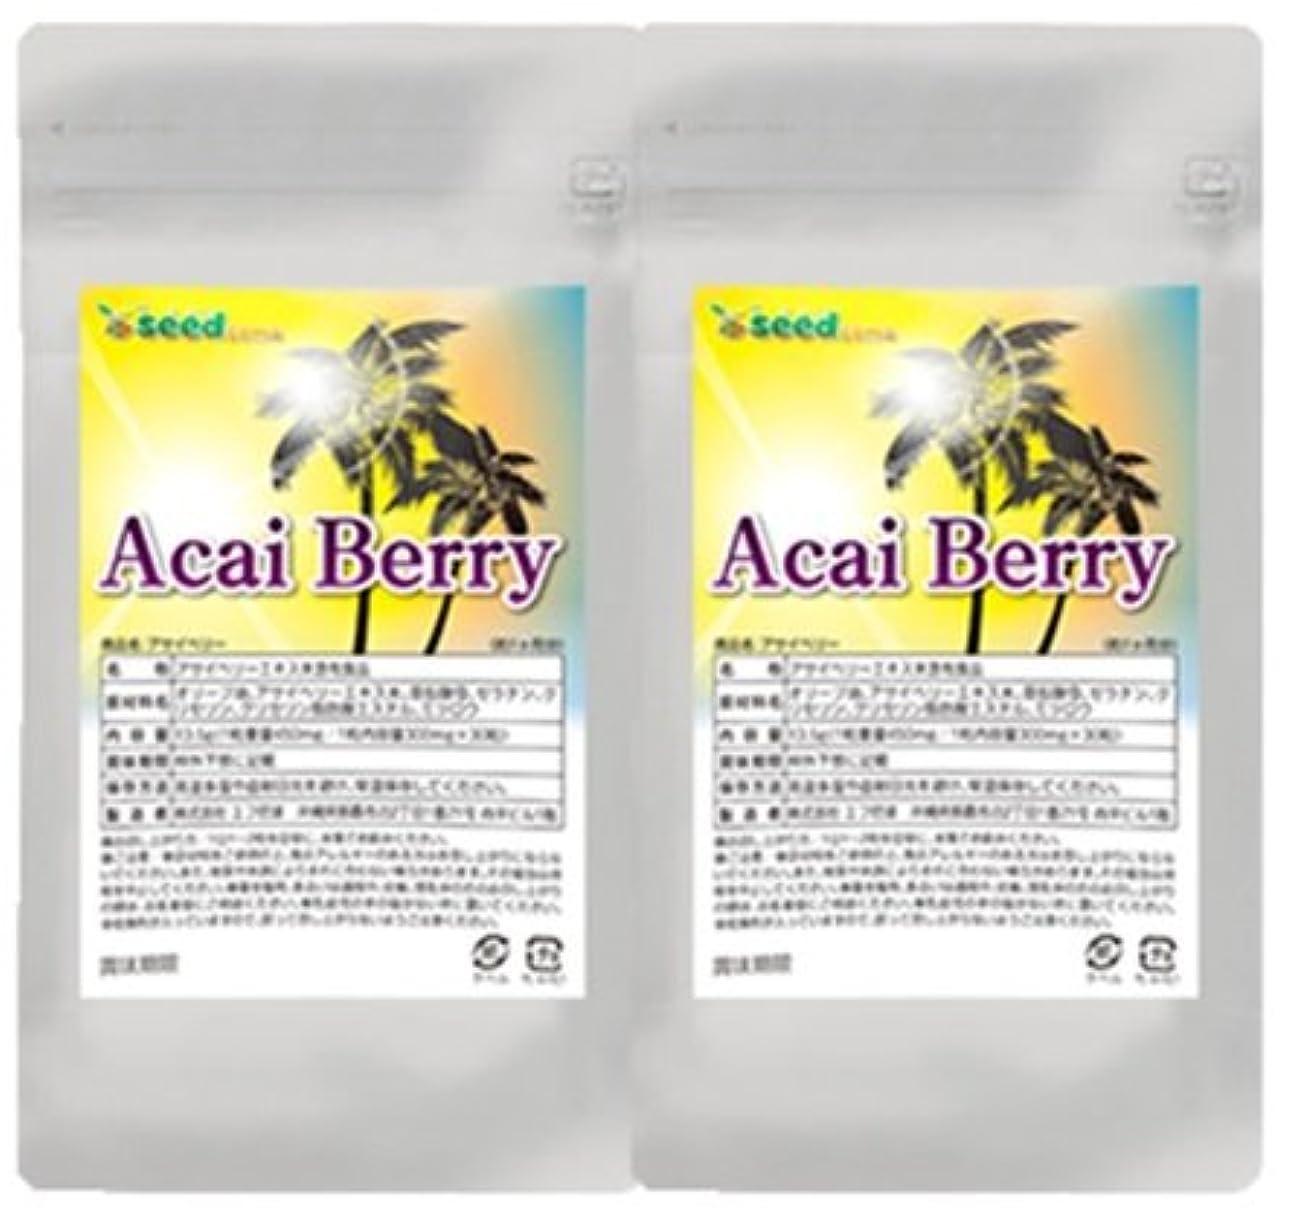 ミリメーターグレートバリアリーフくつろぎアサイーベリー (ポリフェノールと鉄分、アミノ酸、必須脂肪酸、食物繊維など豊富なスーパーフルーツ) (約6ケ月分)